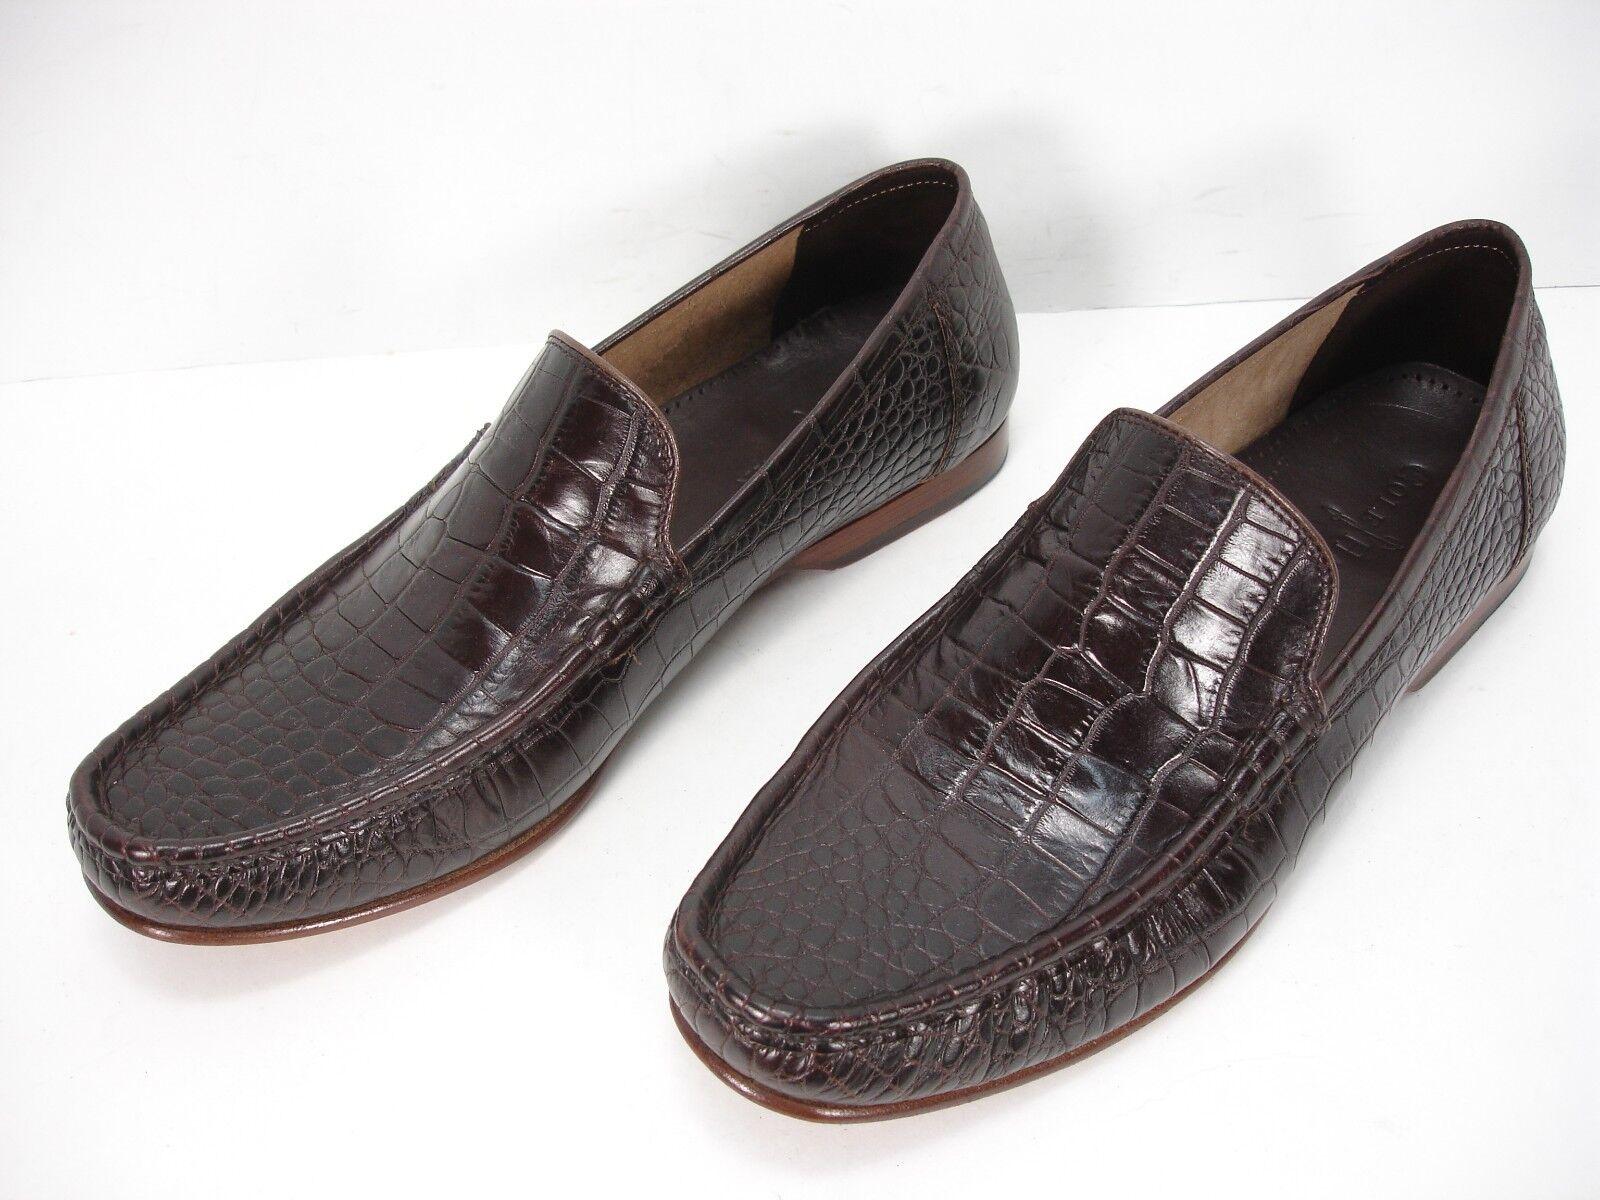 COLE HAAN marron Croc MOC du LOGO en Cuir à Enfiler Mocassins Chaussures hommes 10 m